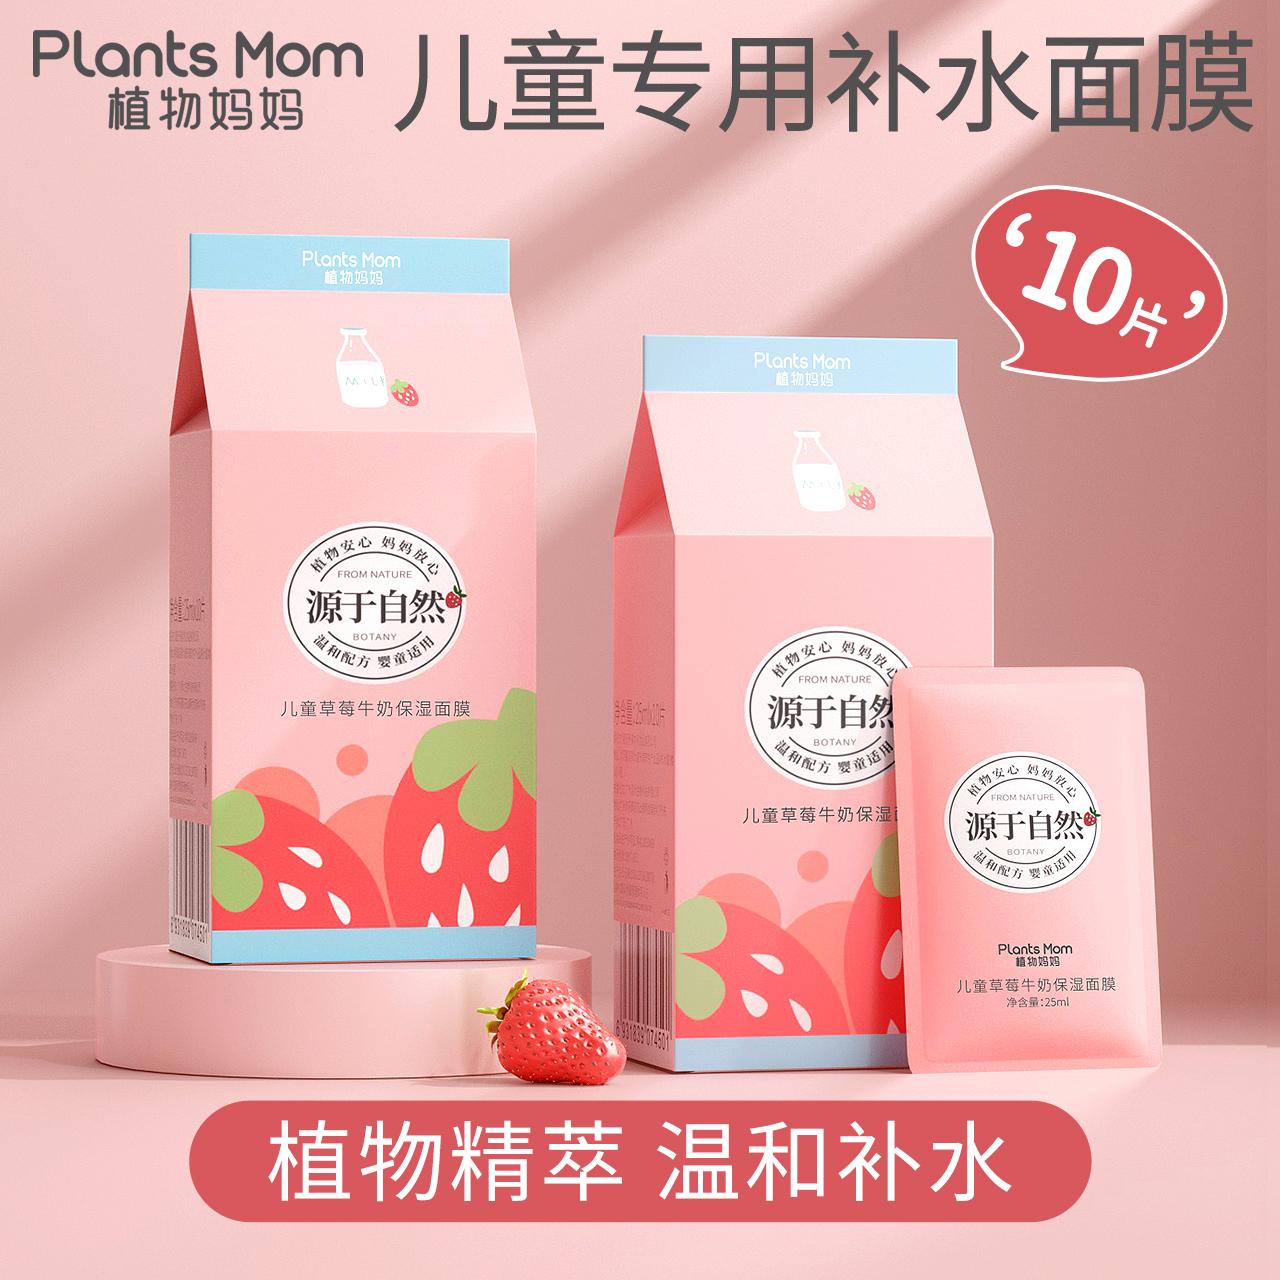 植物妈妈源于自然儿童面膜女孩宝宝专用学生补水婴儿3-12岁女童